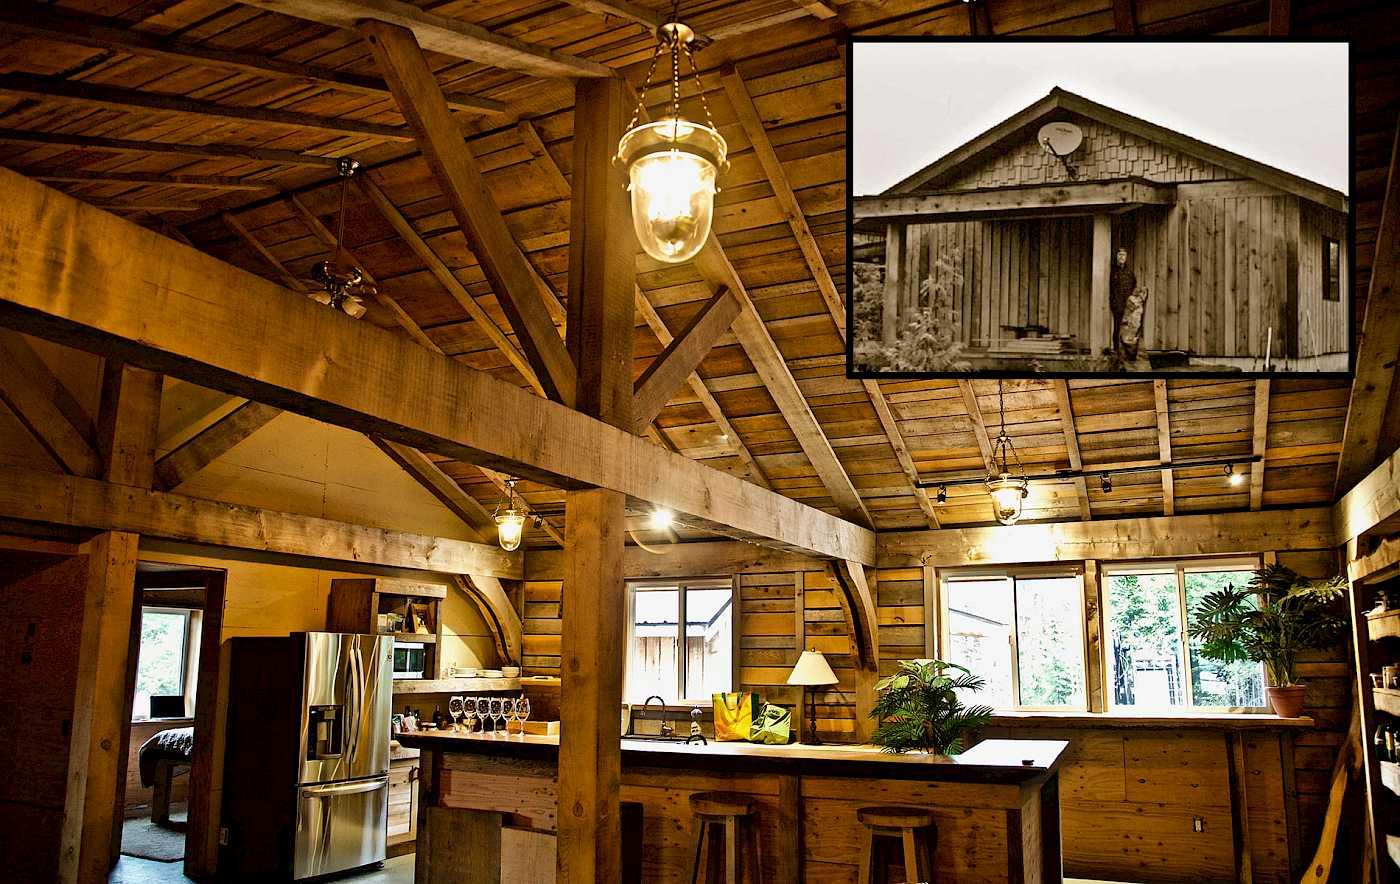 kapoose-creek-farm-lodge.1400x0.jpg